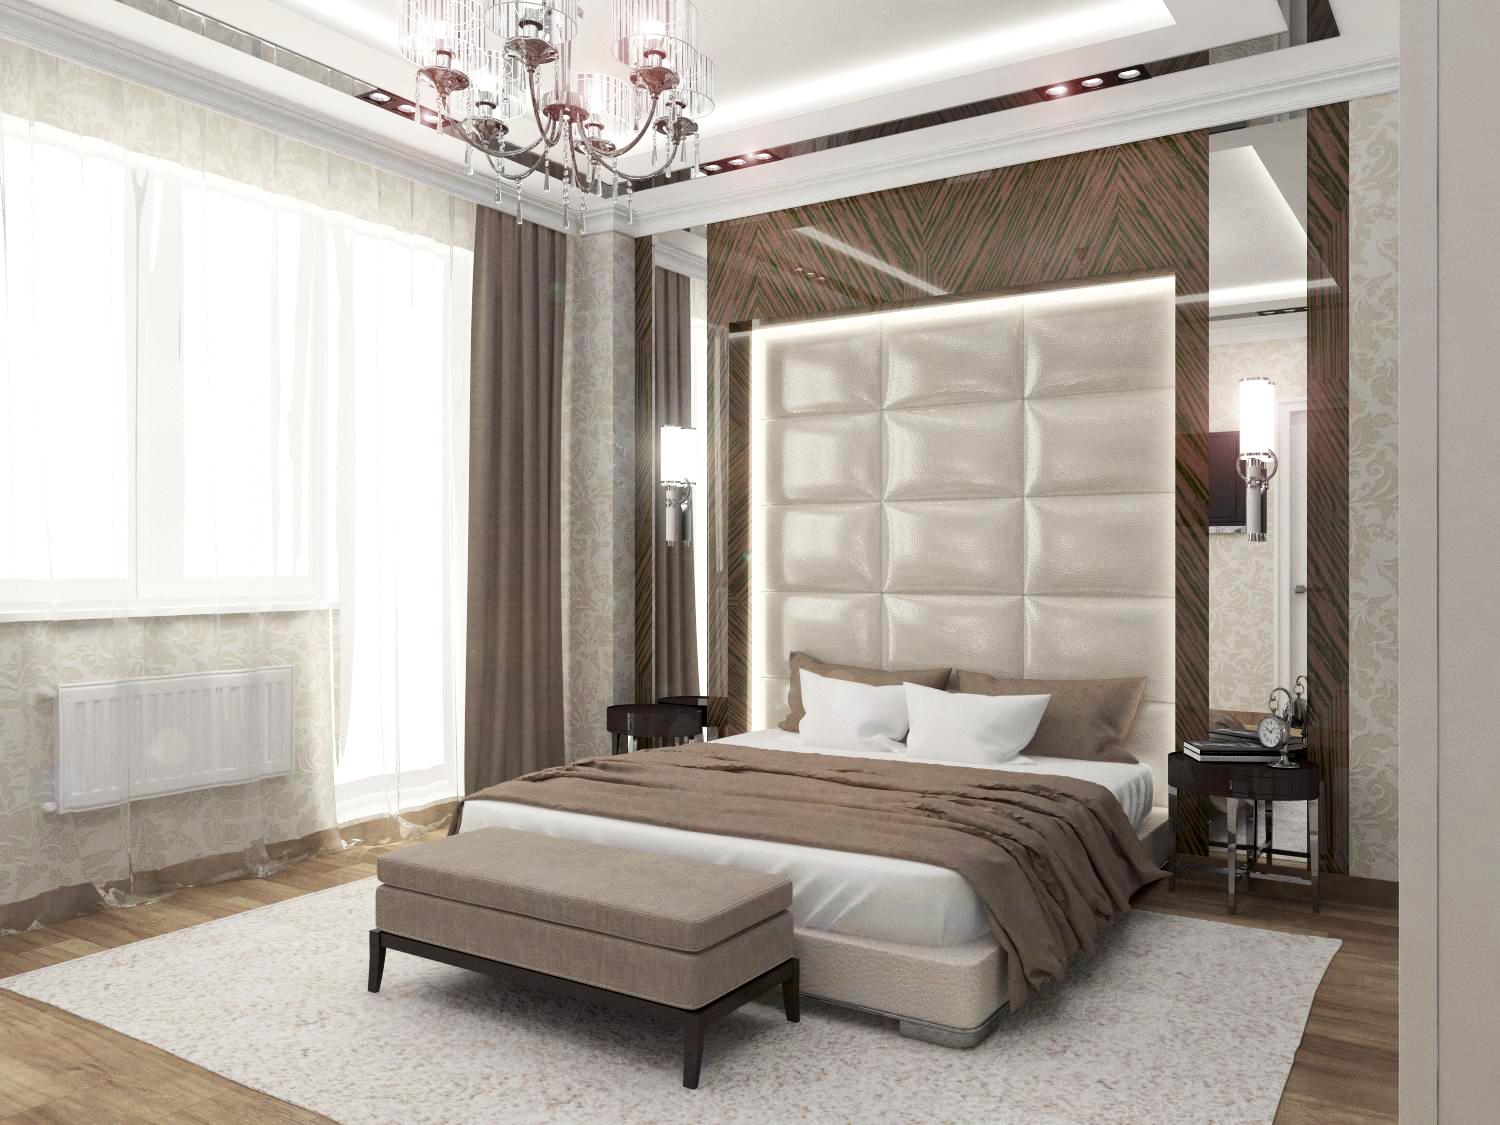 Дизайн интерьера спальной комнаты в классическом стиле